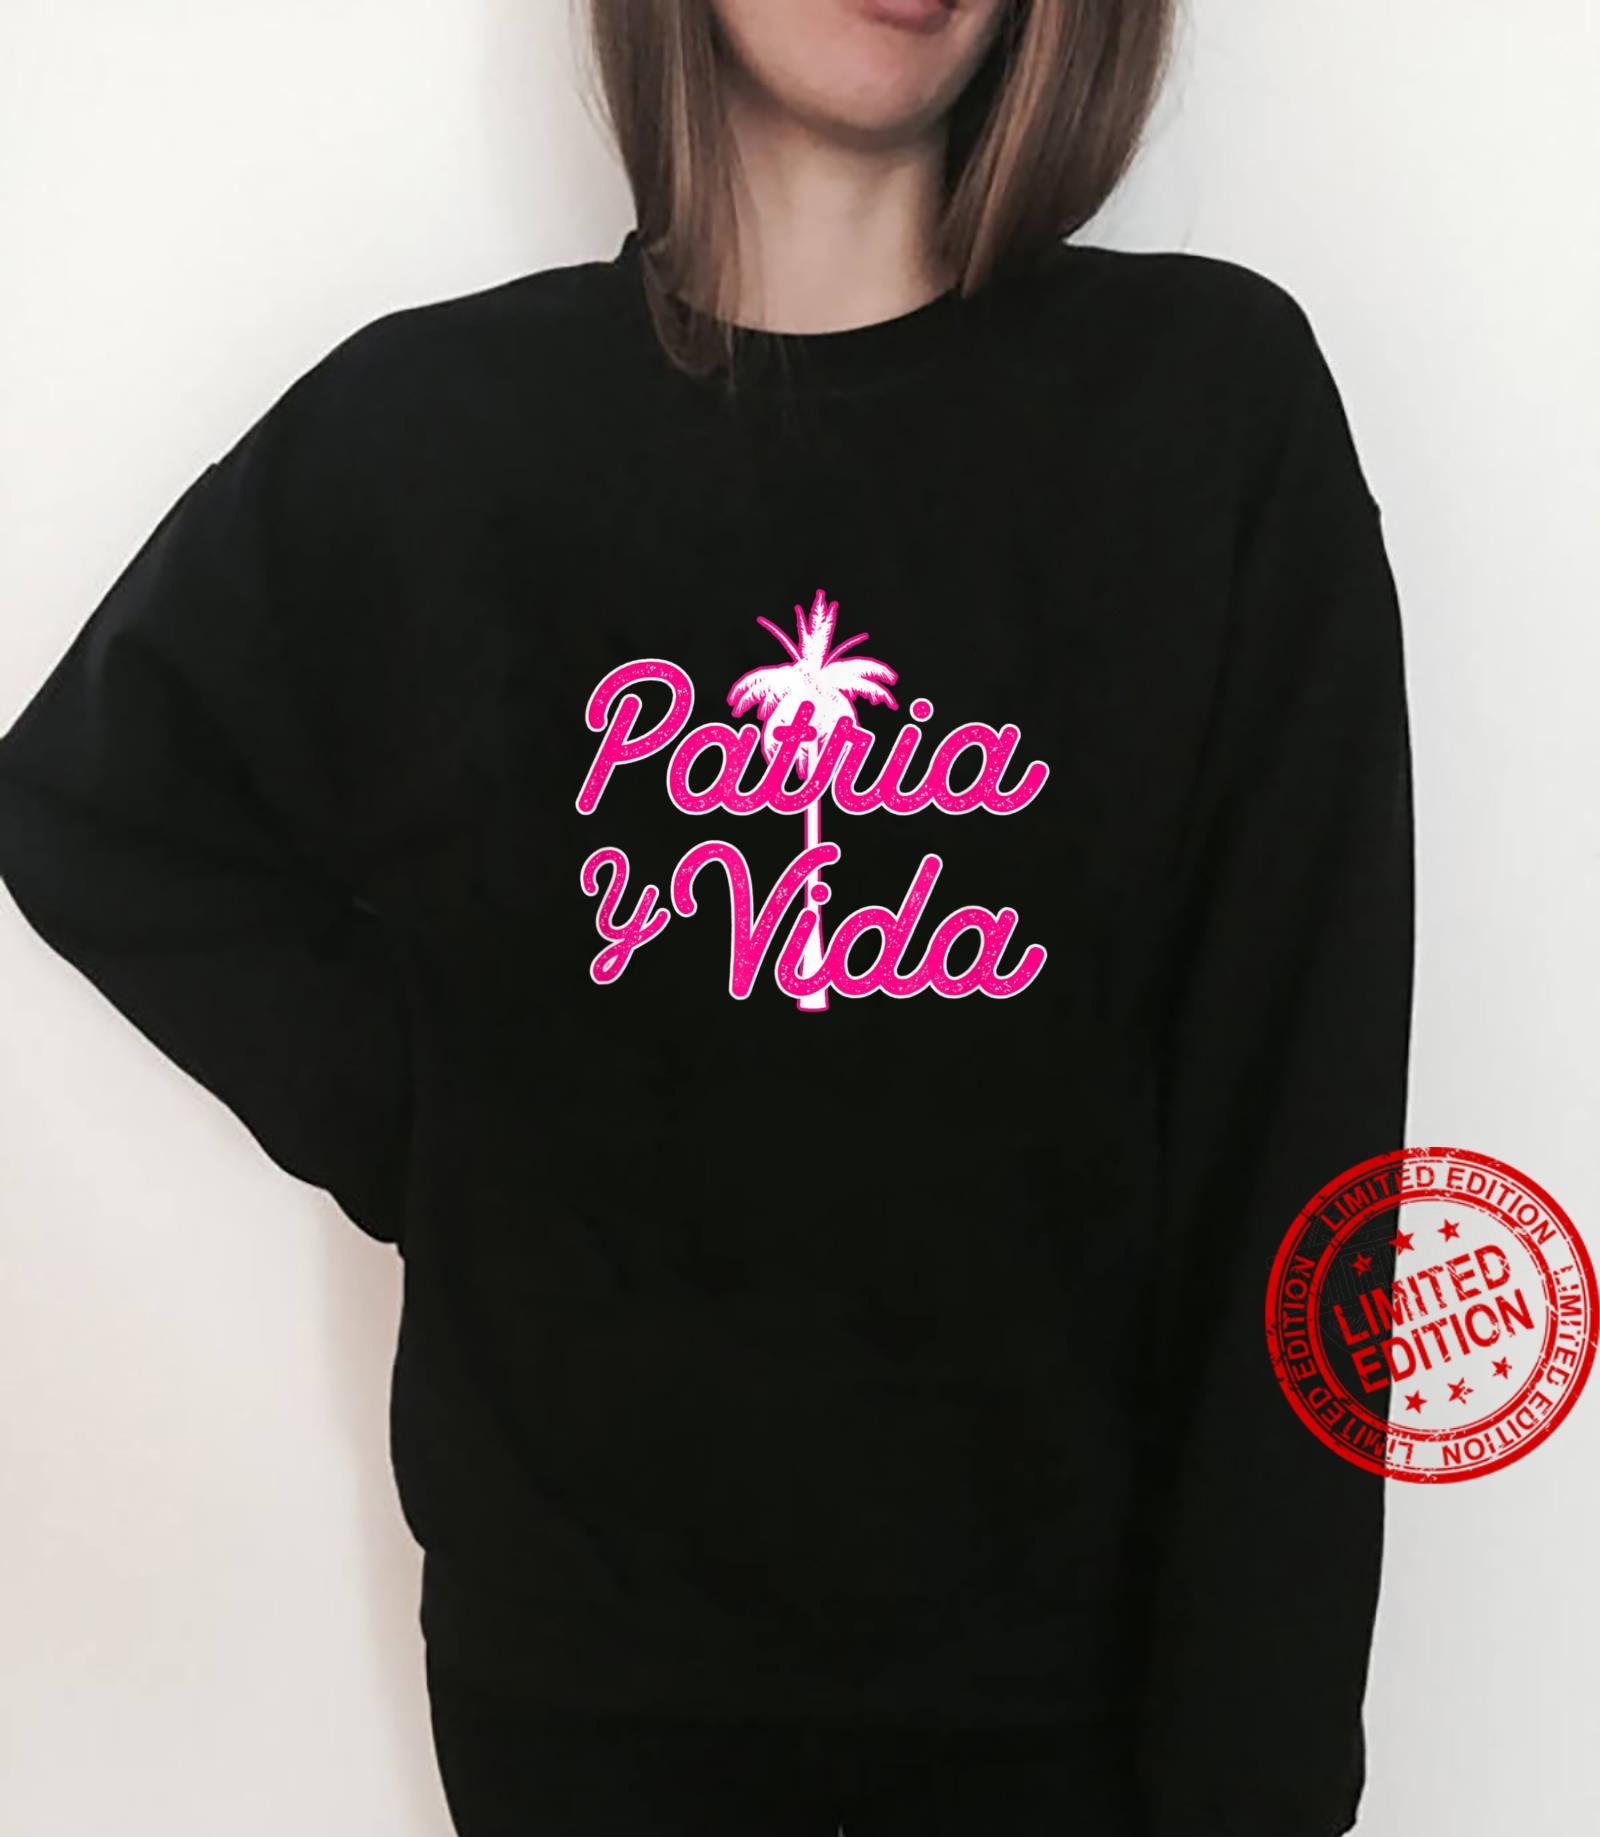 Pink Script Patria Y Vida Shirt sweater